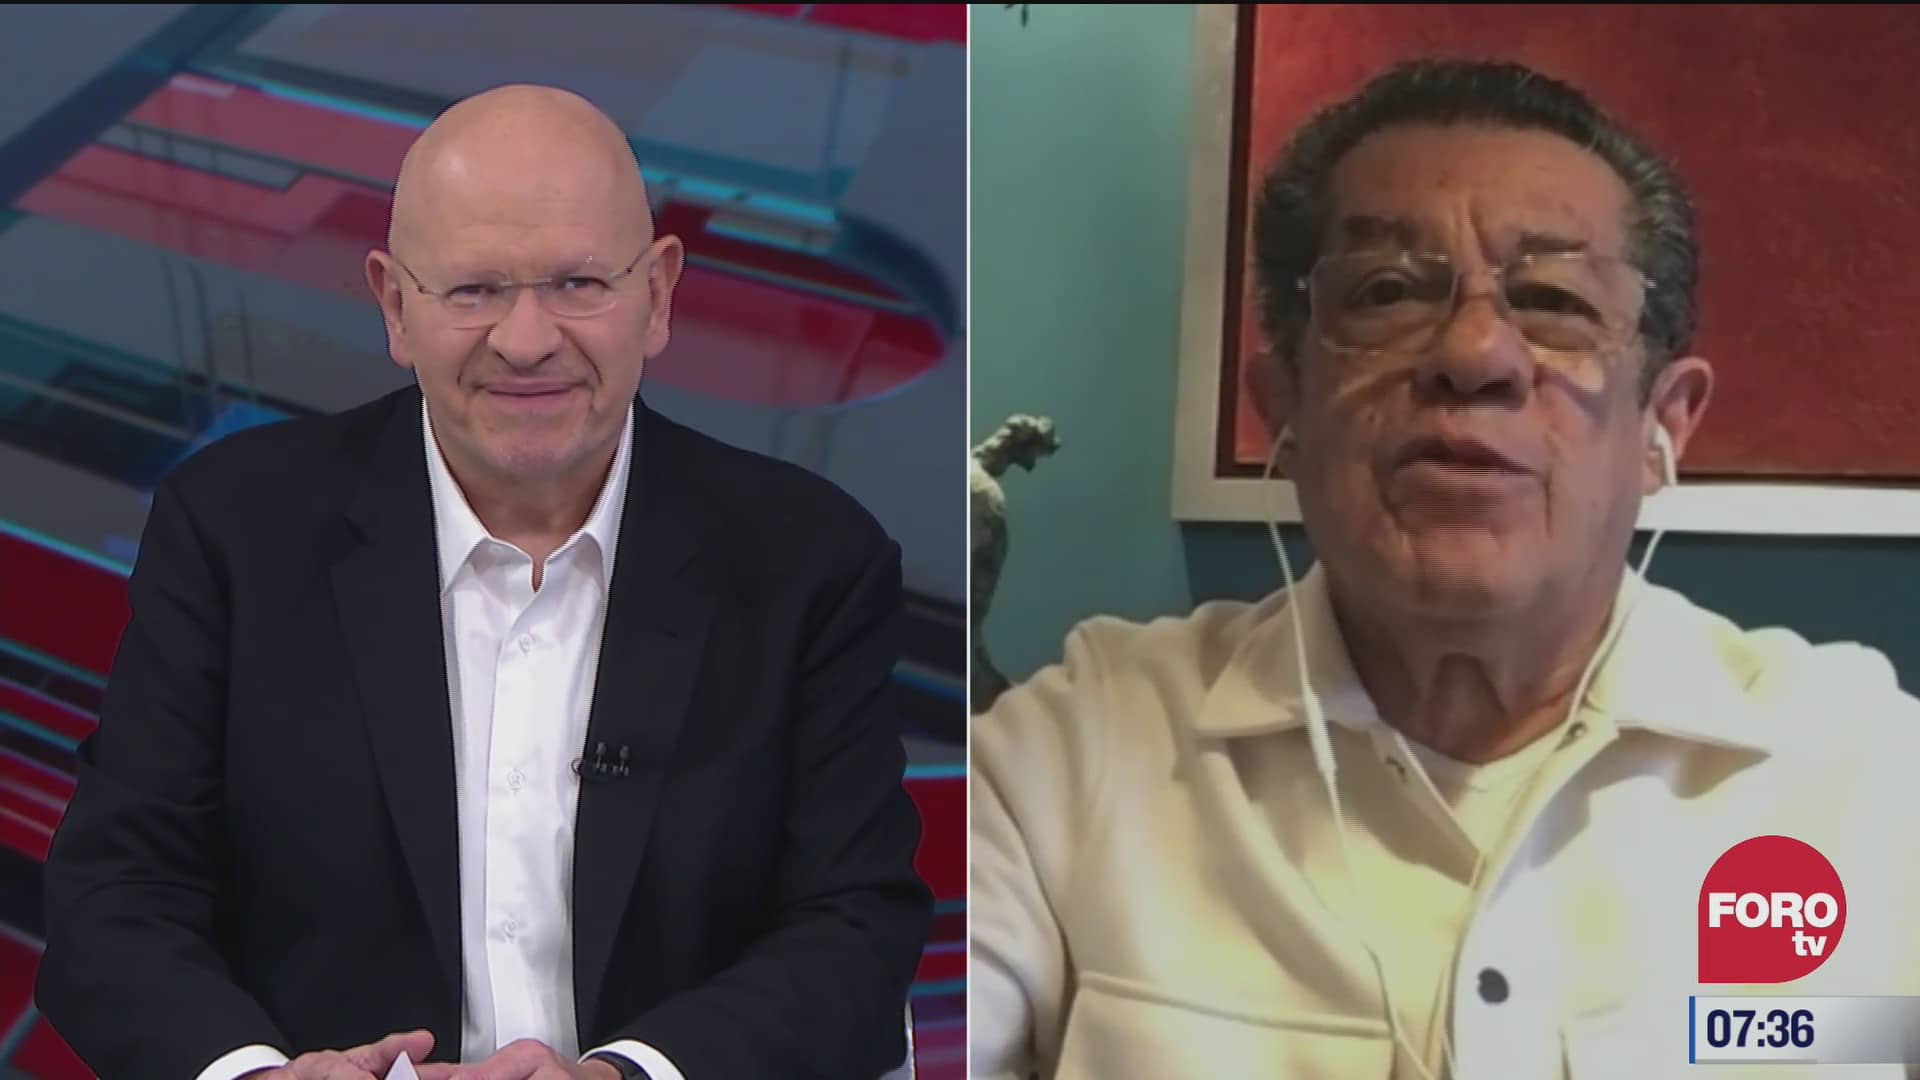 Senadores no necesitan crear nuevo grupo parlamentario: Rafael Cardona